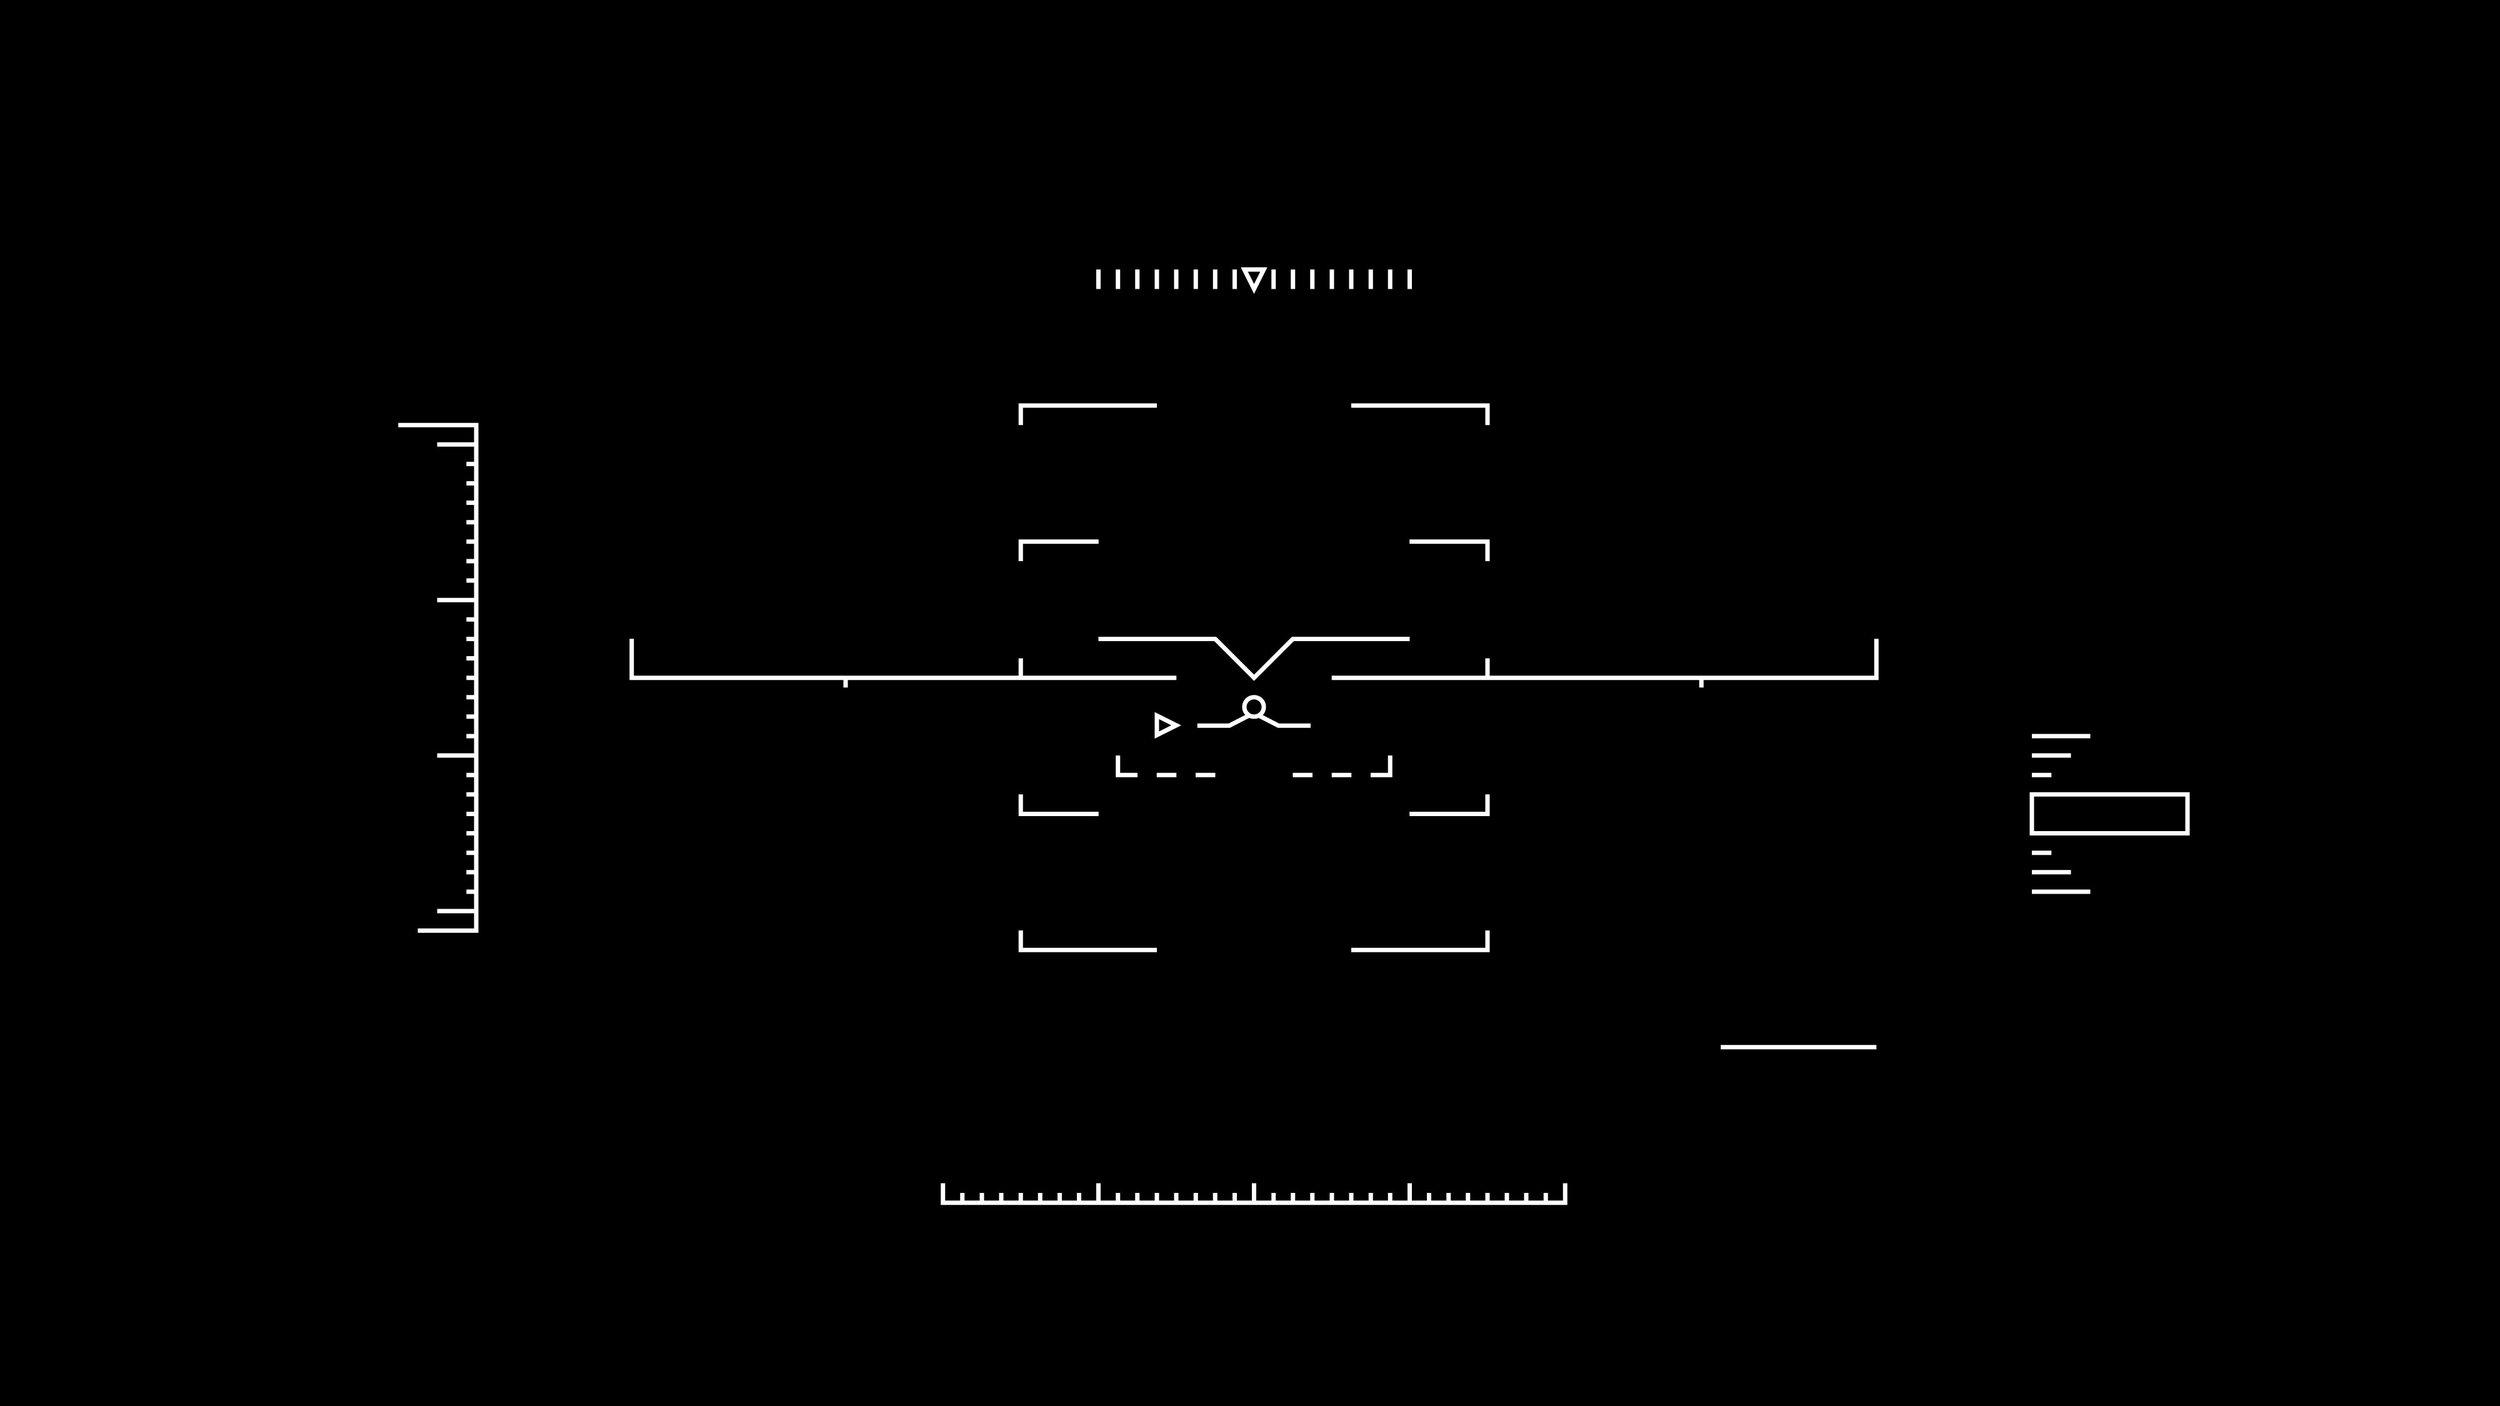 01_Flight_HUD.jpg